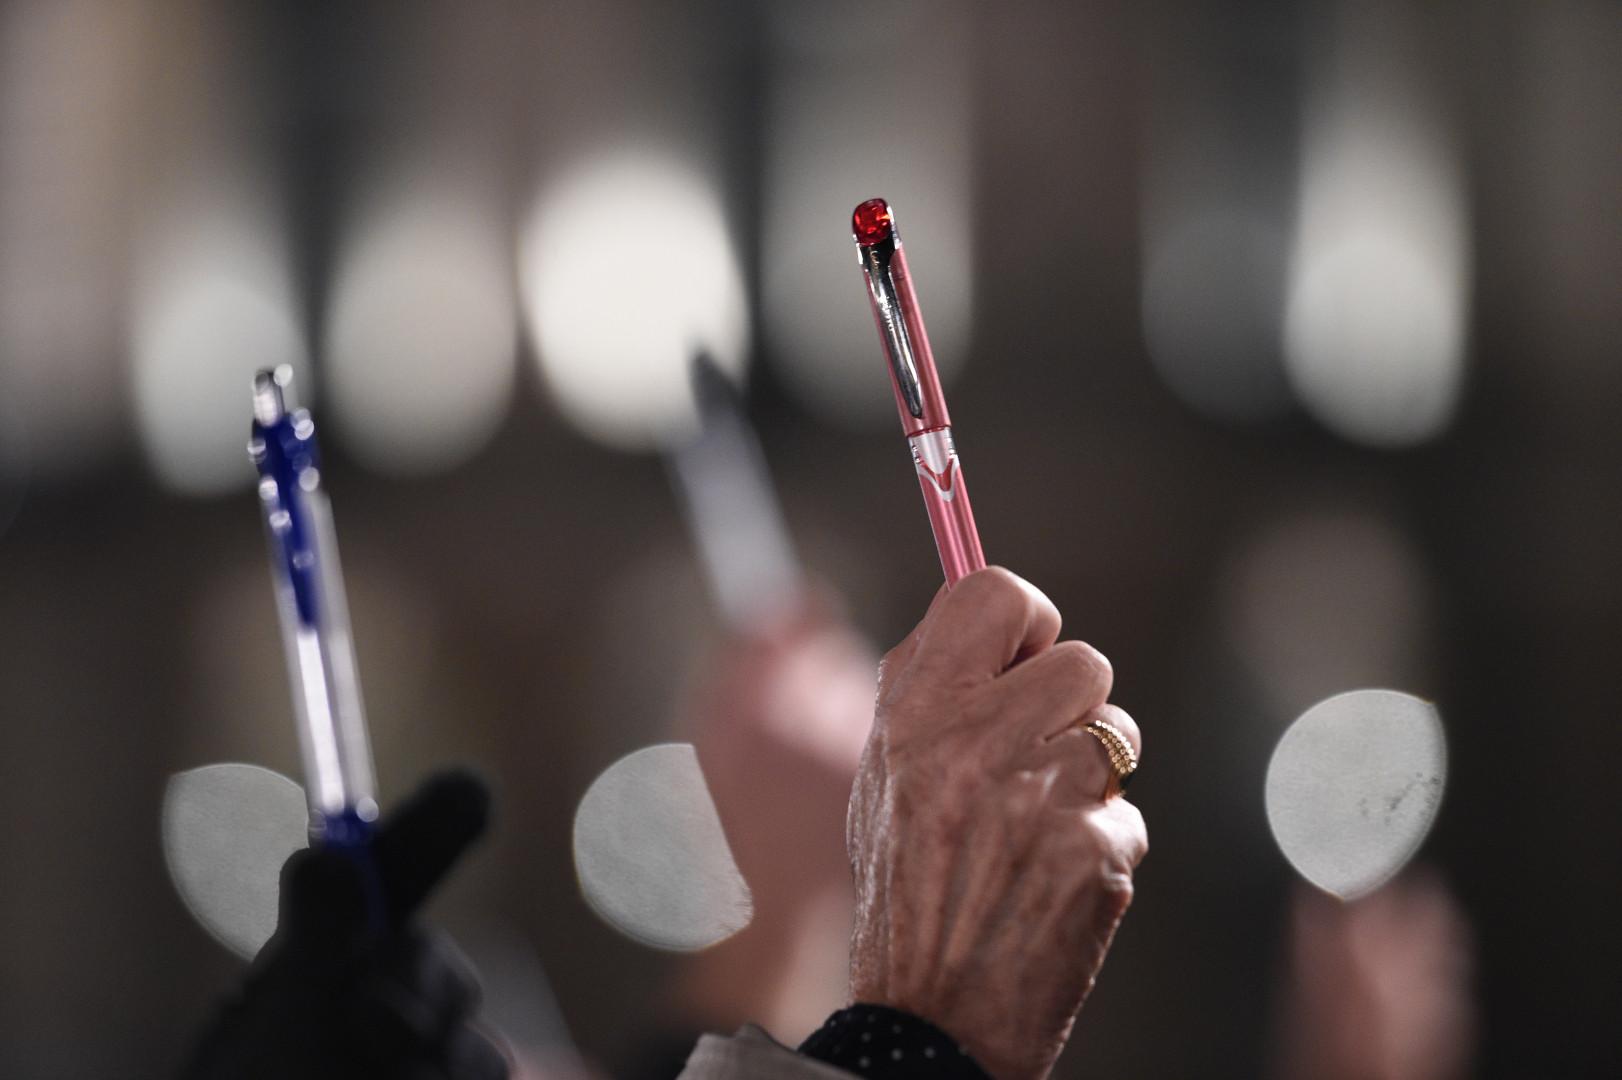 Des crayons en symbole de la liberté d'expression